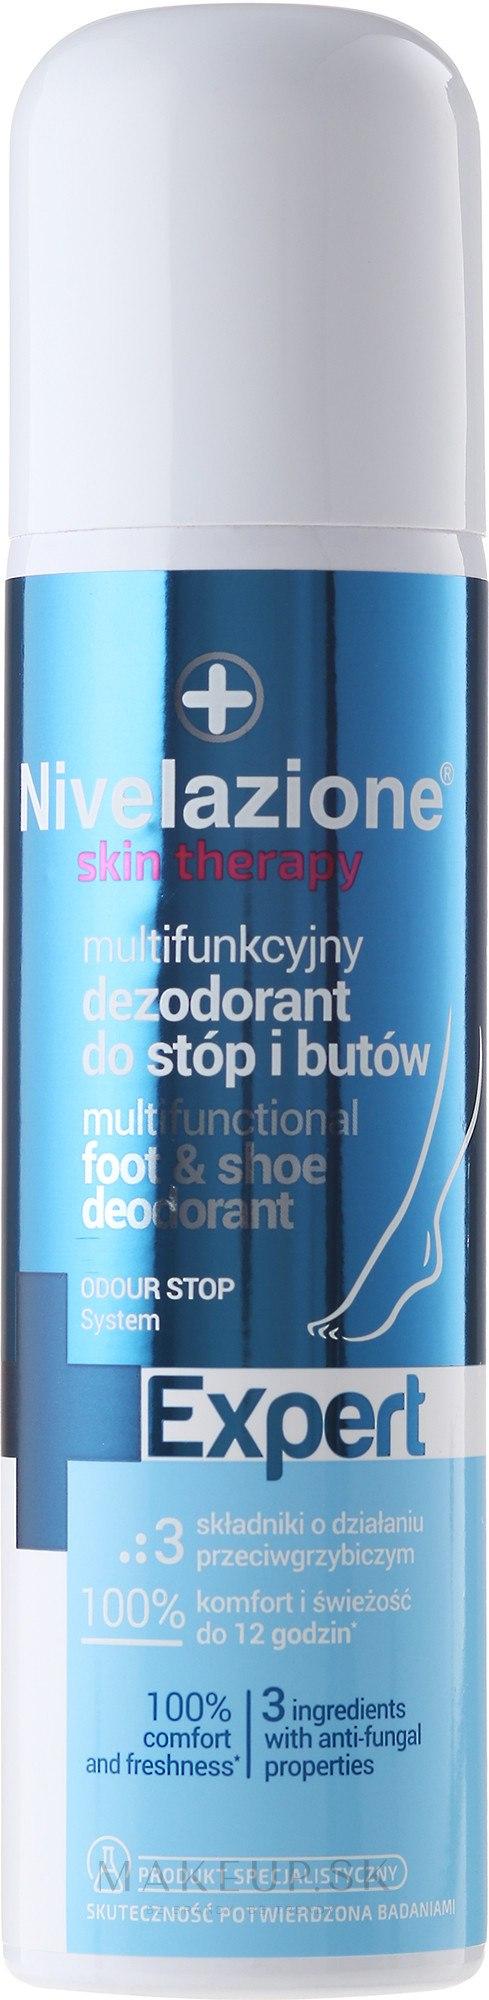 Multifunkčný deodorant pre nohy a topánky - Farmona Nivelazione Skin Therapy Expert — Obrázky 150 ml